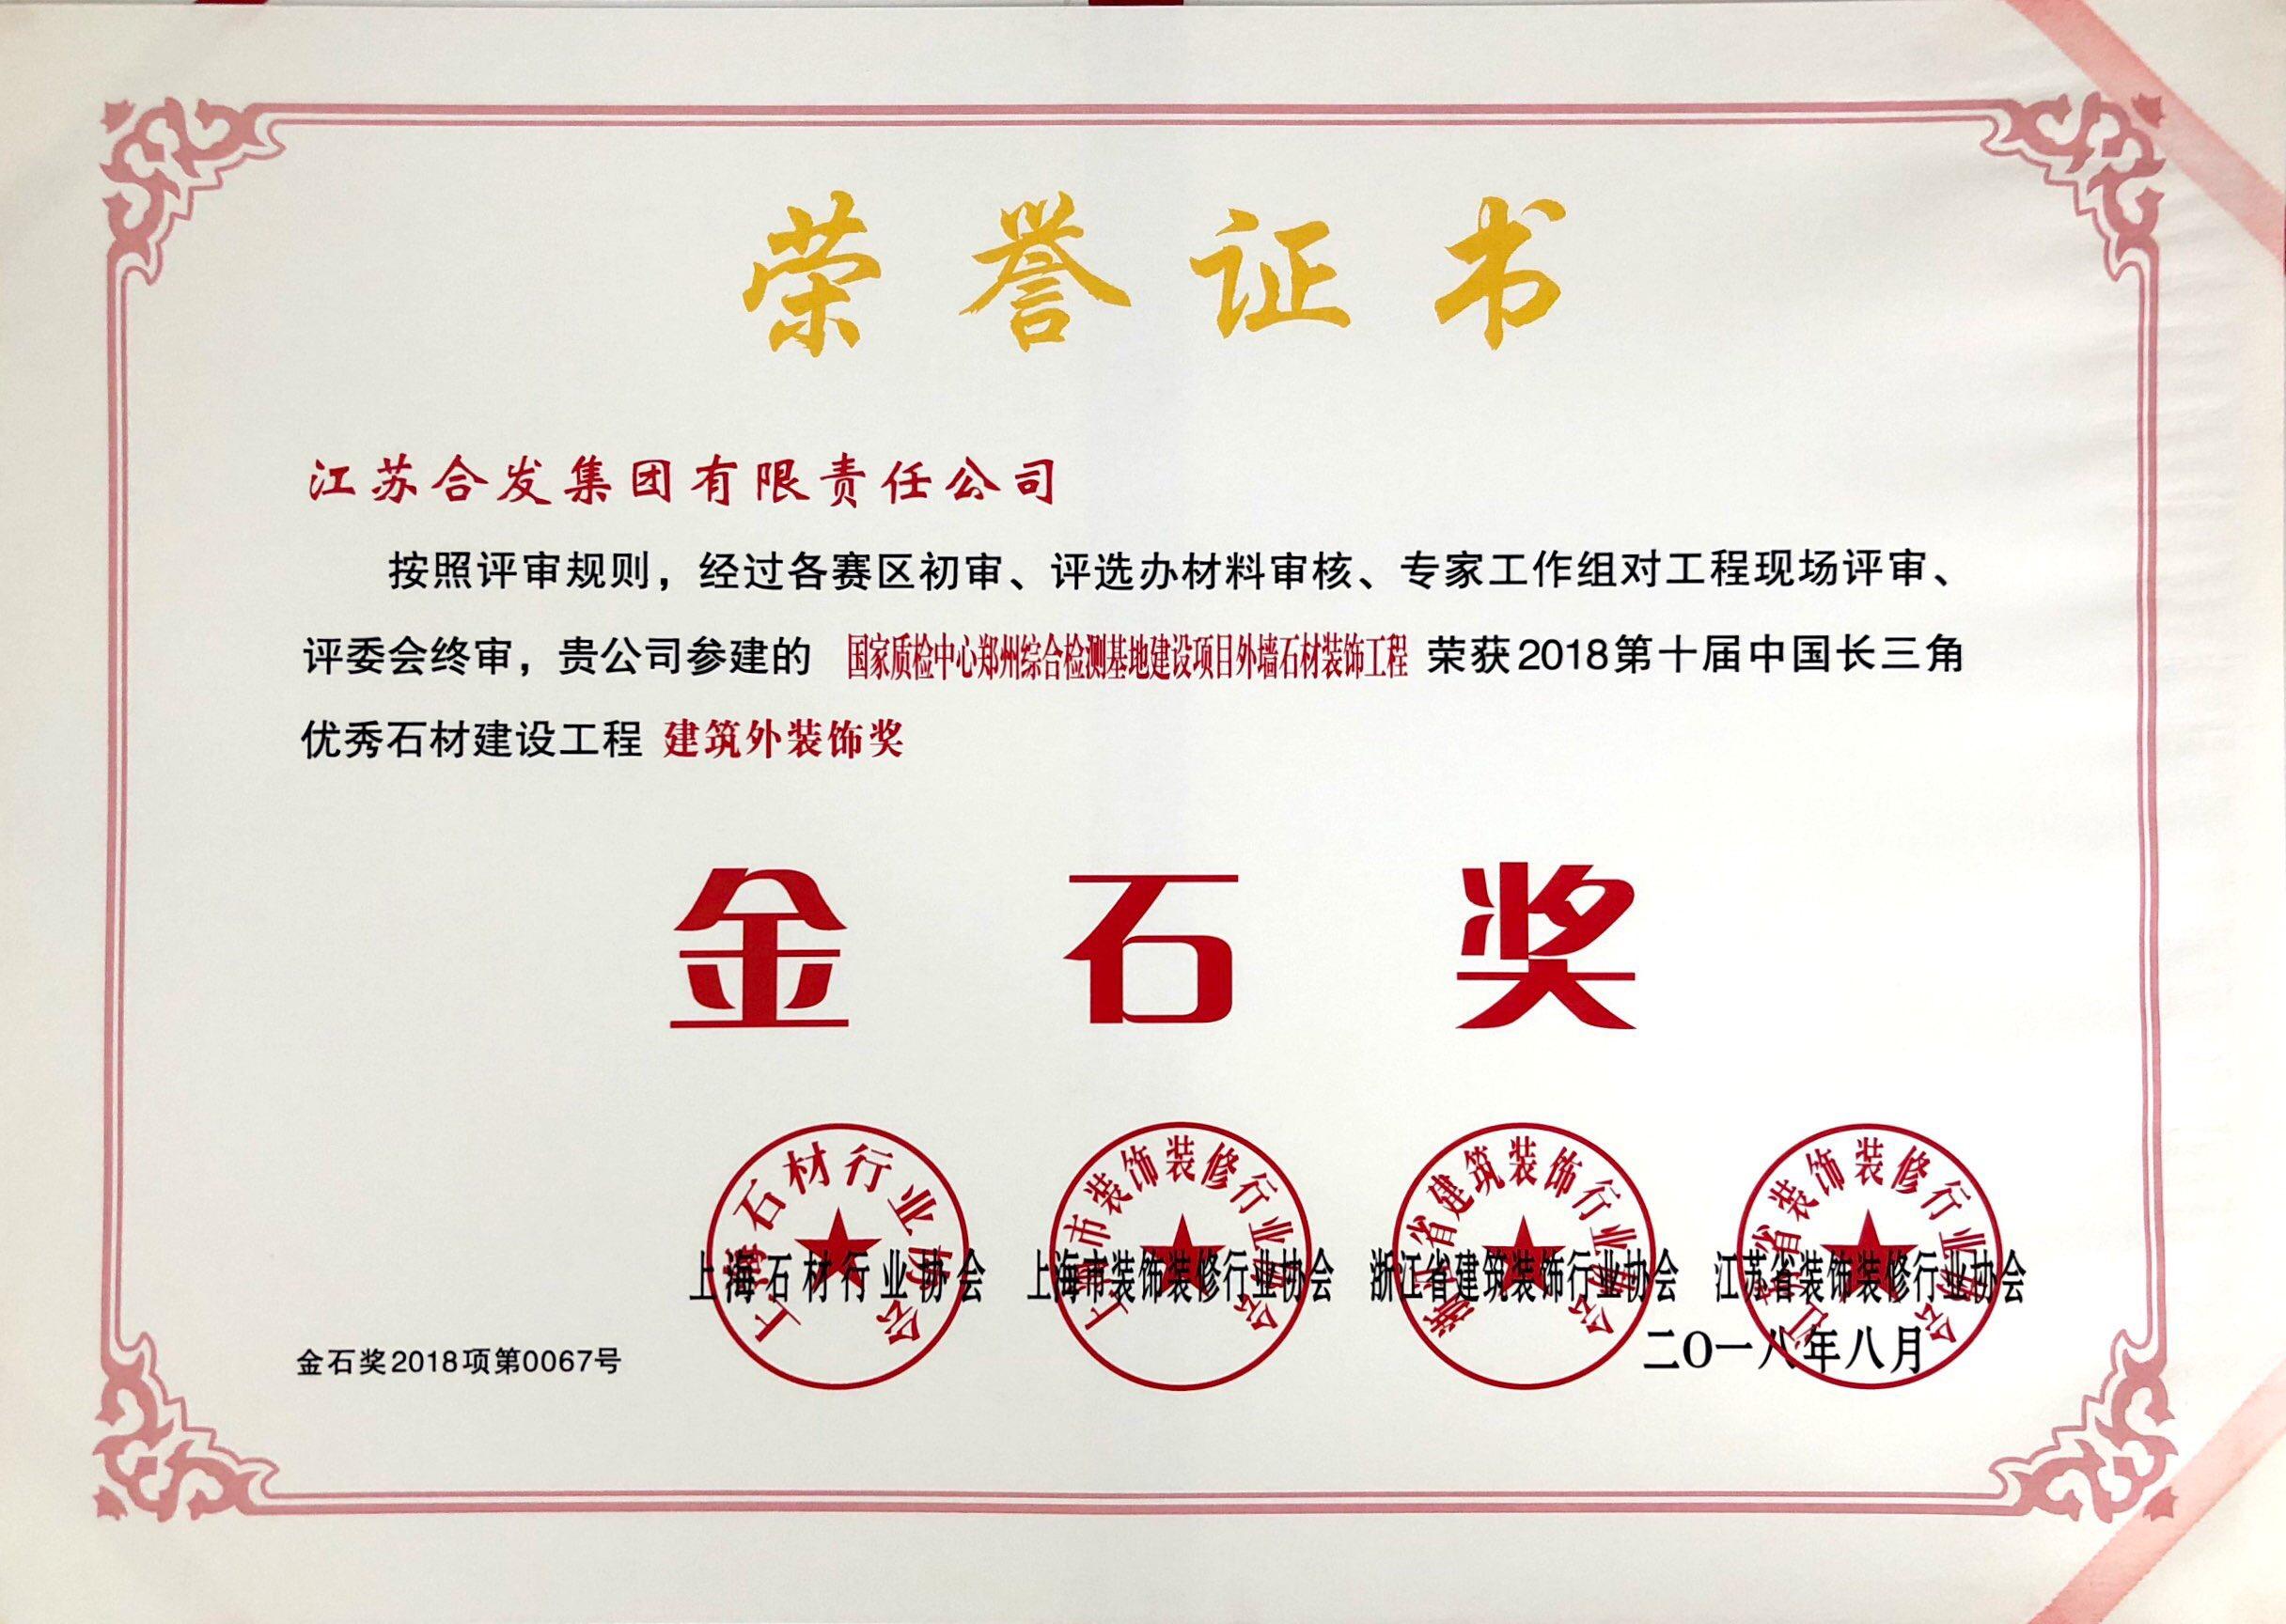 國家質檢中心鄭州綜合檢測基地建設項目外墻石材裝飾工程